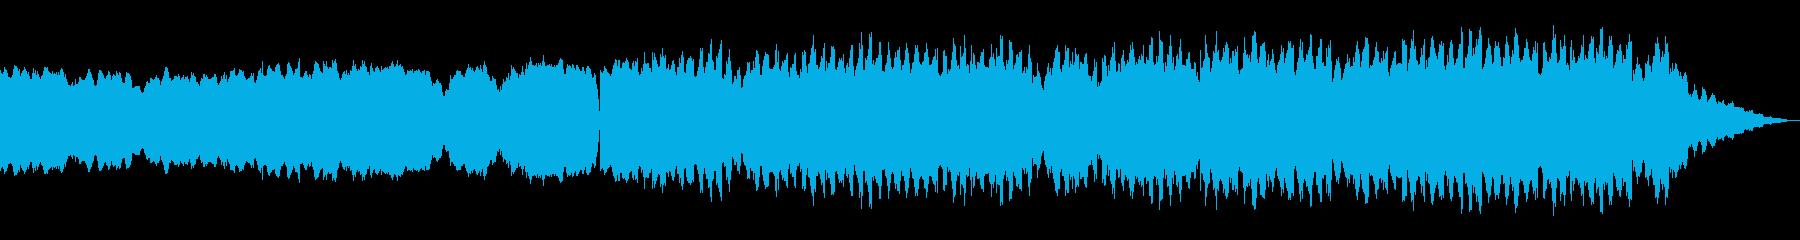 地下室をイメージした不気味な曲の再生済みの波形